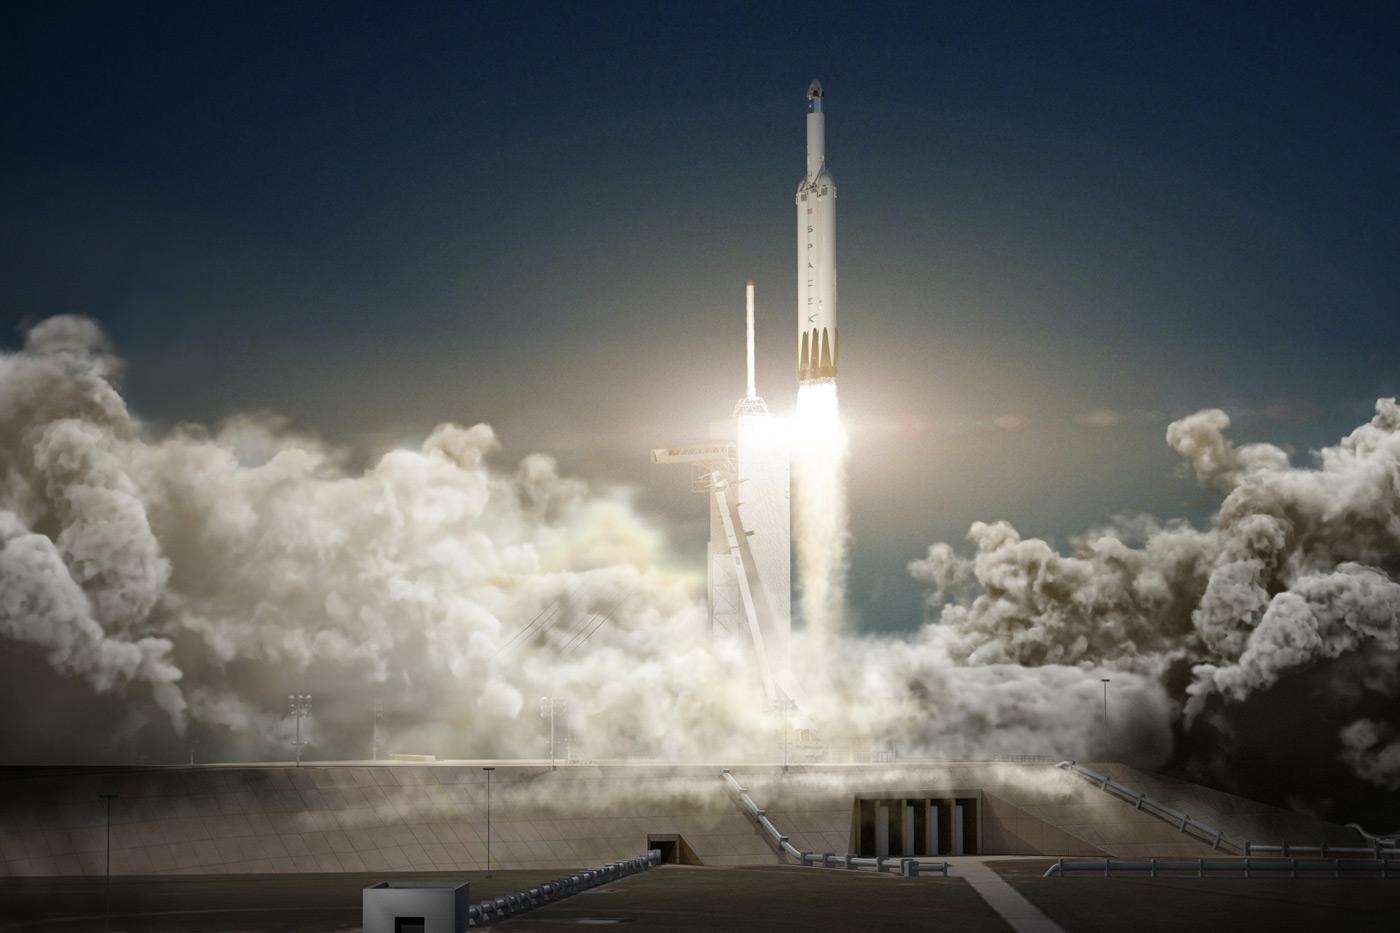 future rocket launching video - HD1400×933